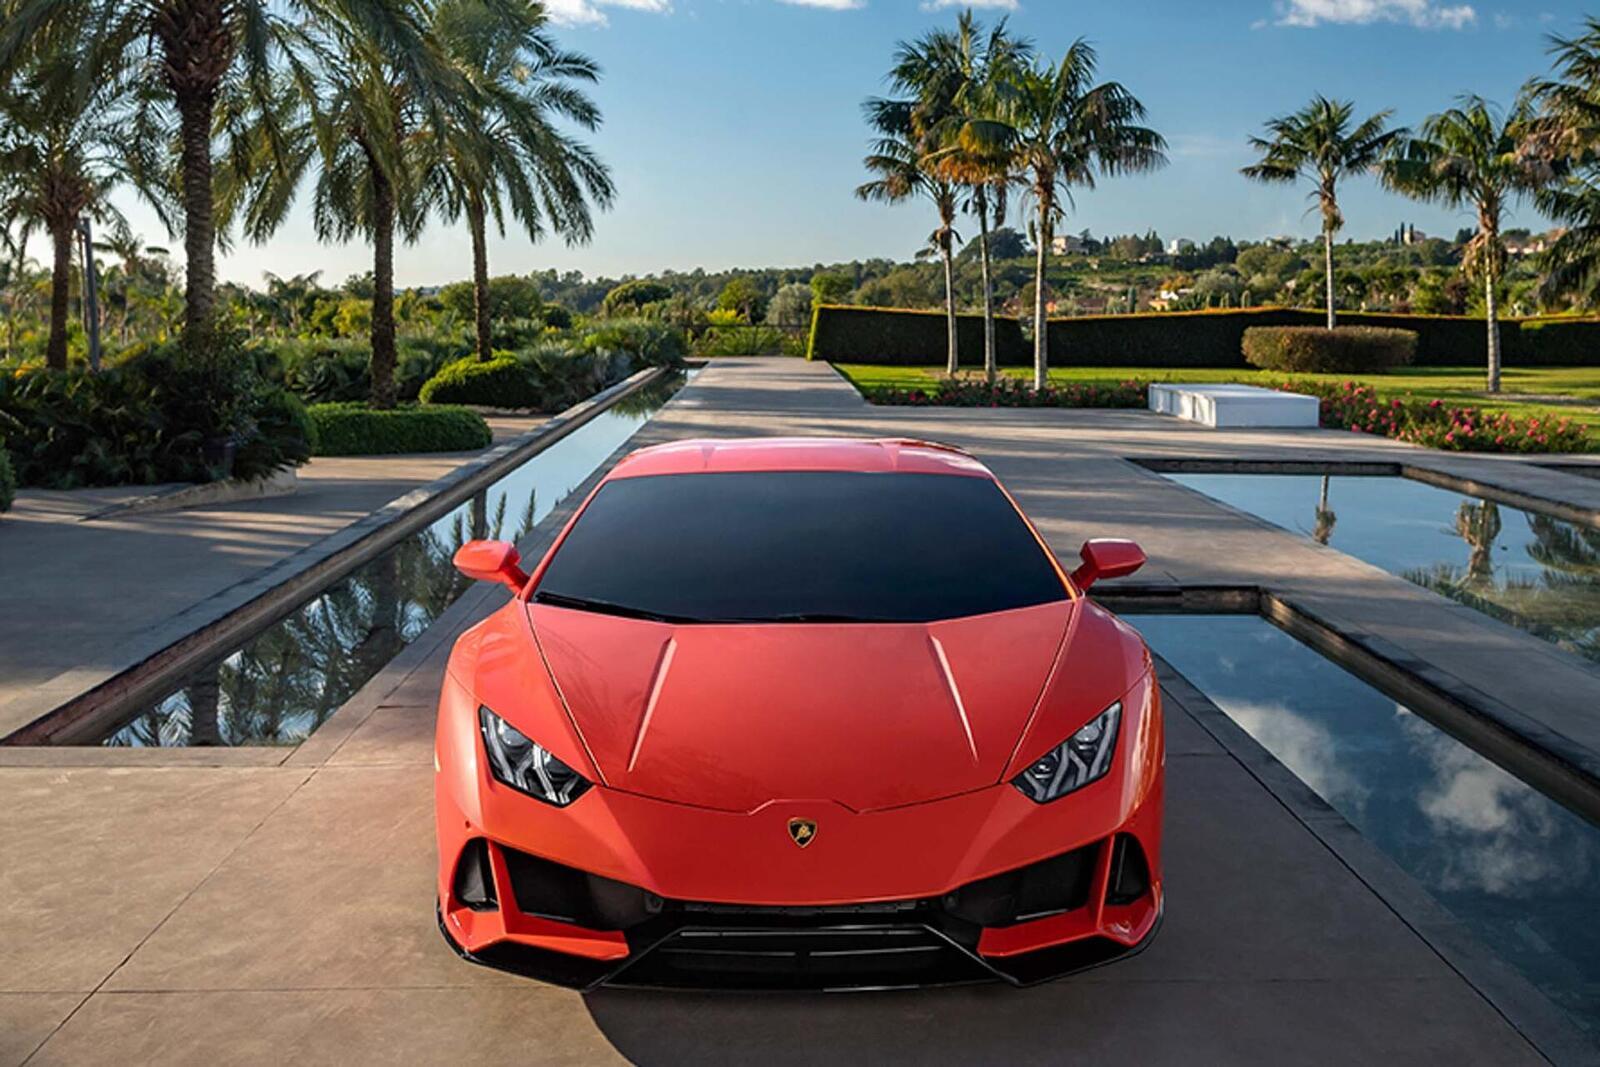 Lamborghini giới thiệu Huracan EVO mới với sức mạnh 640 mã lực - Hình 19